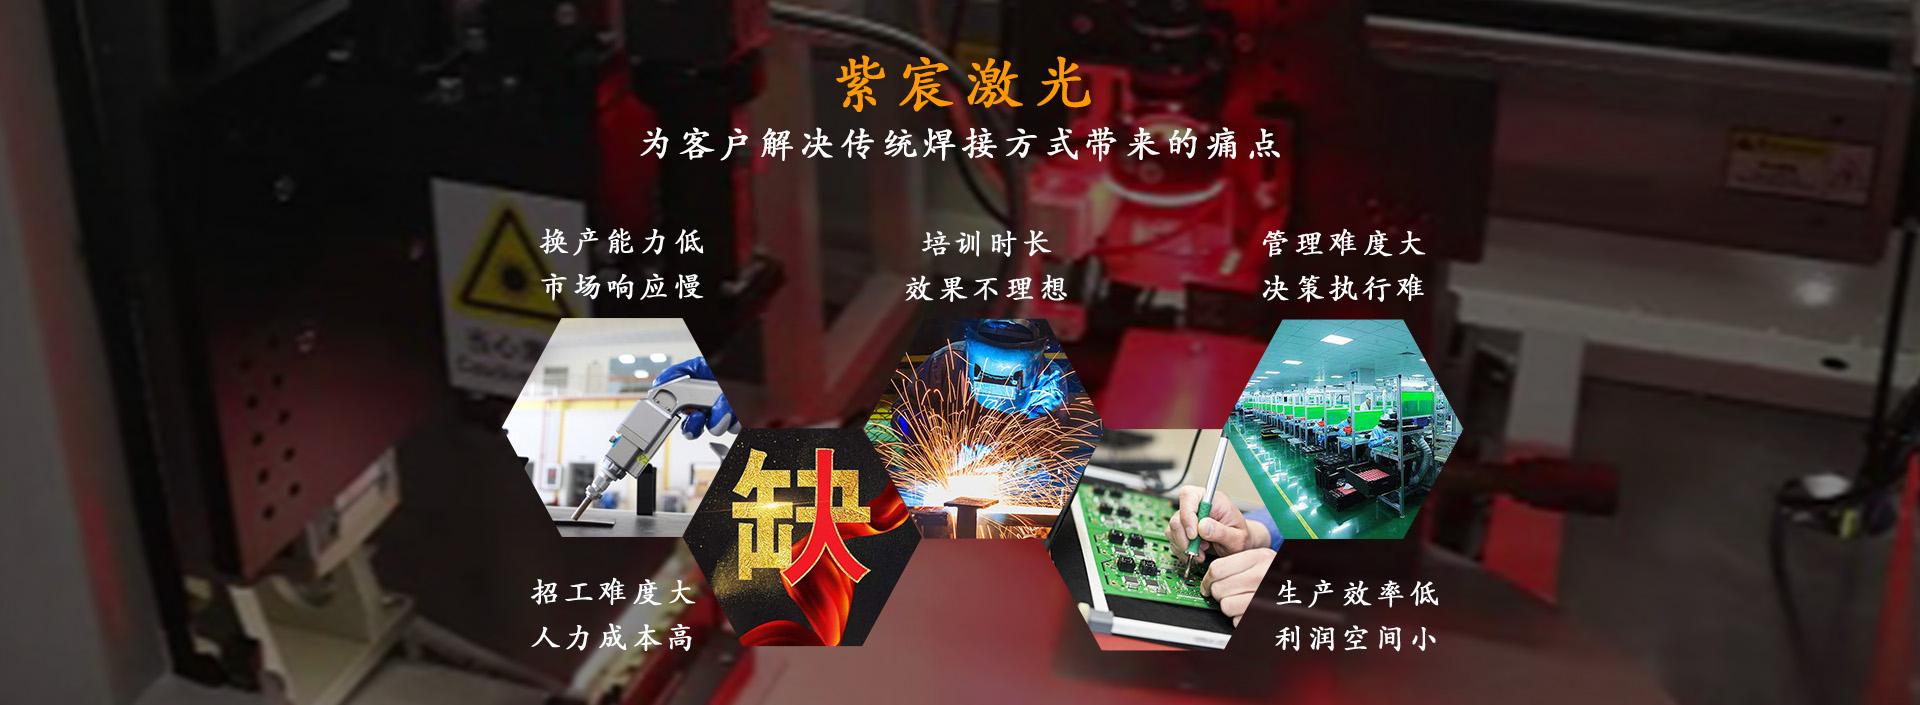 紫宸激光自动焊锡设备,为客户解决产能烦恼